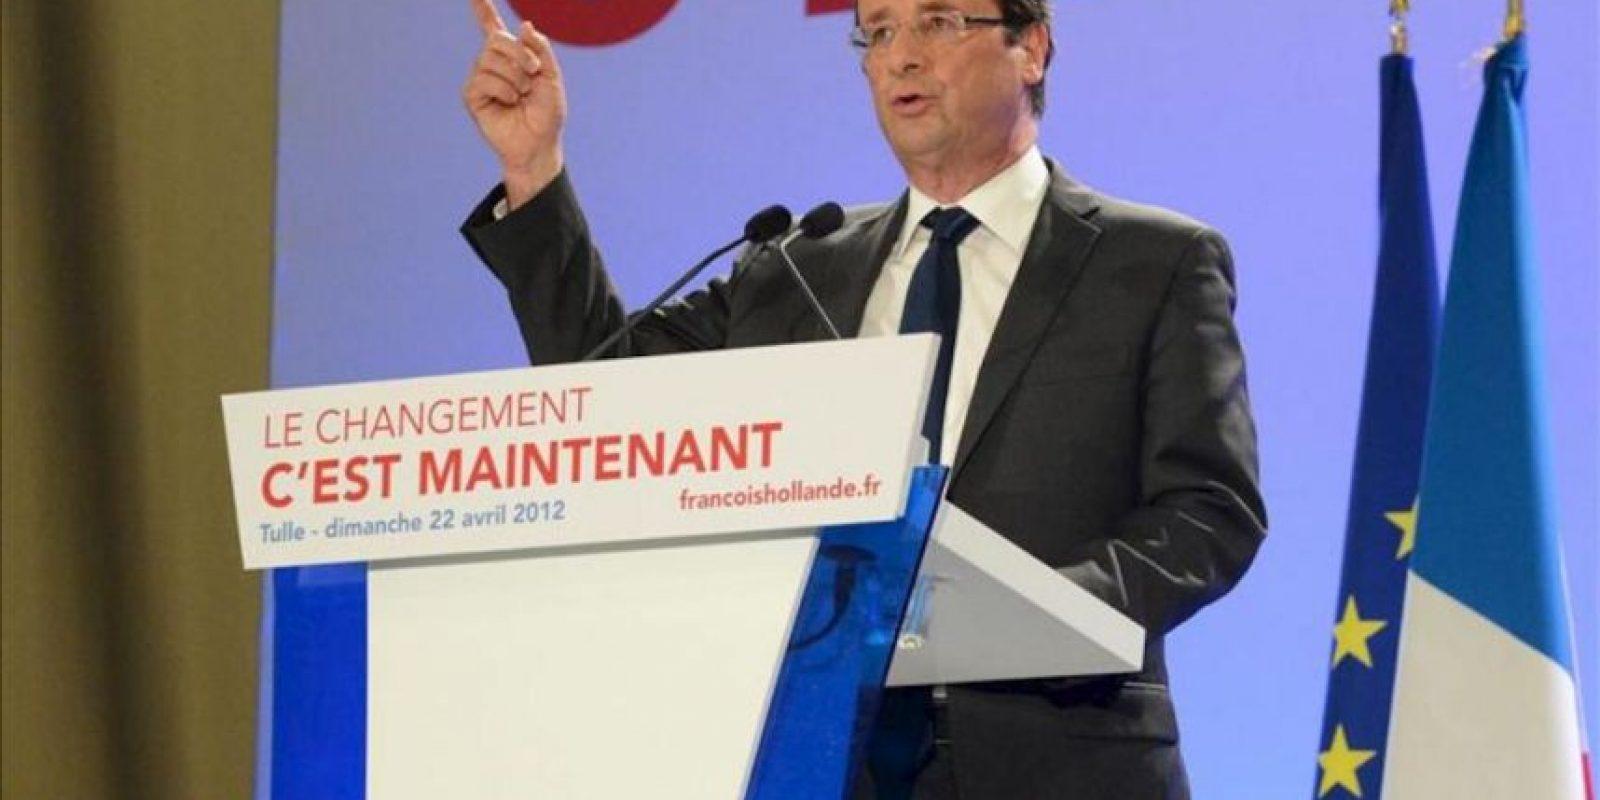 """El candidato presidencial por el Partido Socialista (PS) francés, Francois Hollande, habla a sus seguidores hoy, domingo 22 de abril de 2012, durante la primera ronda de las elecciones presidenciales francesas en Tulle (Francia). El favorito candidato francés socialista, Hollande, dijo que su victoria sobre titular Nicolás Sarkozy en la primera ronda electoral fue una """"desautorización"""" a Sarkozy, quien ha """"jugado el juego de la extrema derecha"""". Hollande encabezó la primera vuelta entre un 28.4 y 29.3 por ciento de la votación, comparado con un 25.5 y 27 por ciento de Zarkozy, de acuerdo a lo mostrado por las encuestas. EFE"""